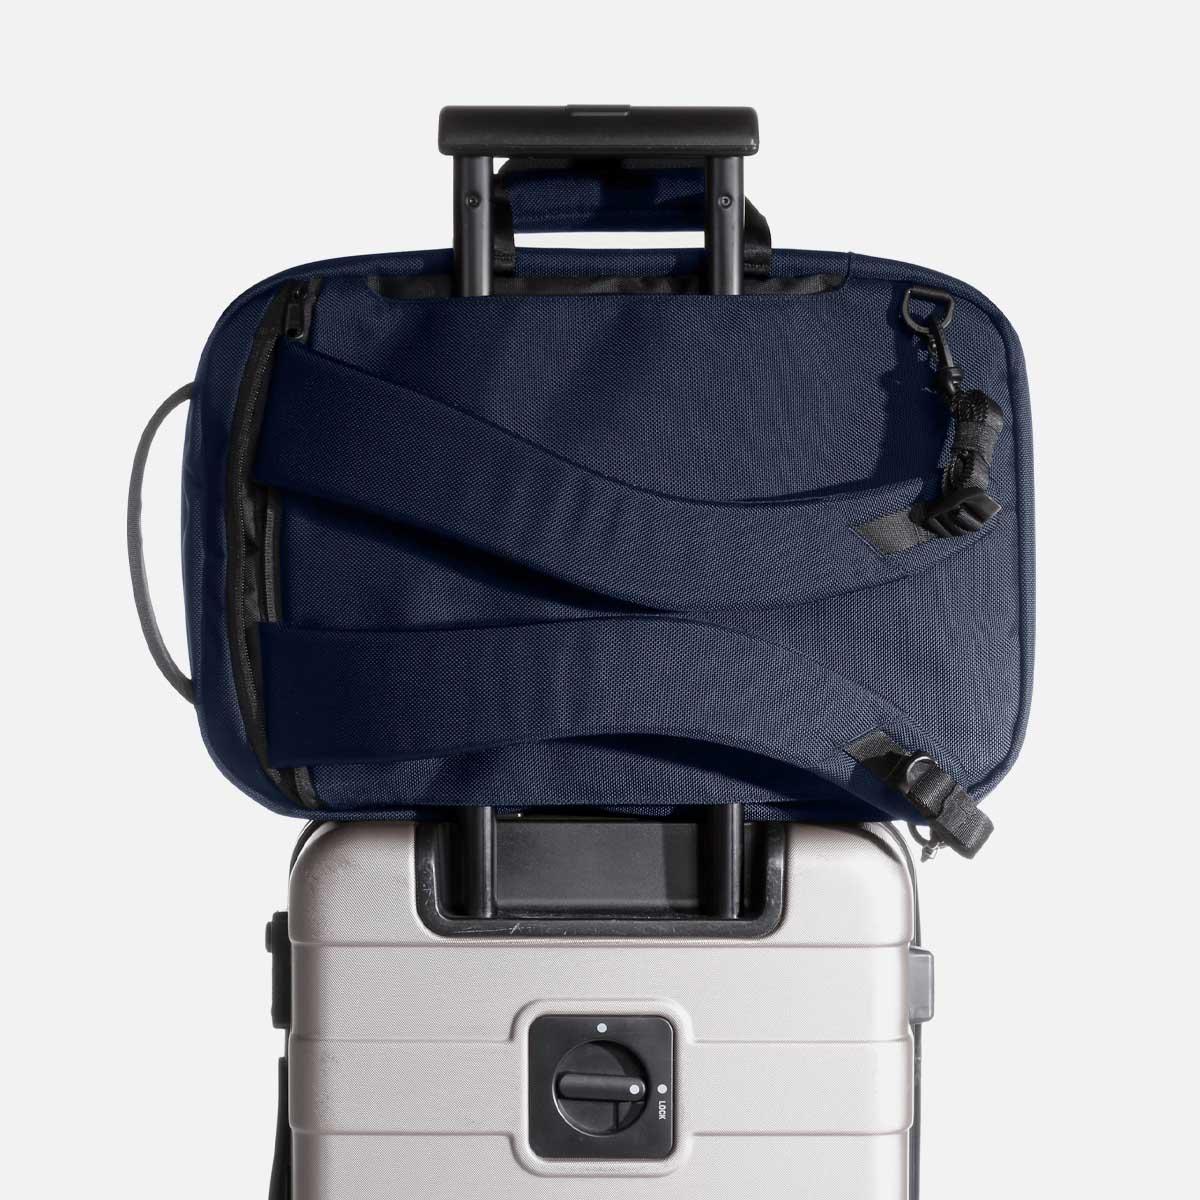 23010_flightpack2_navy_luggage.jpg